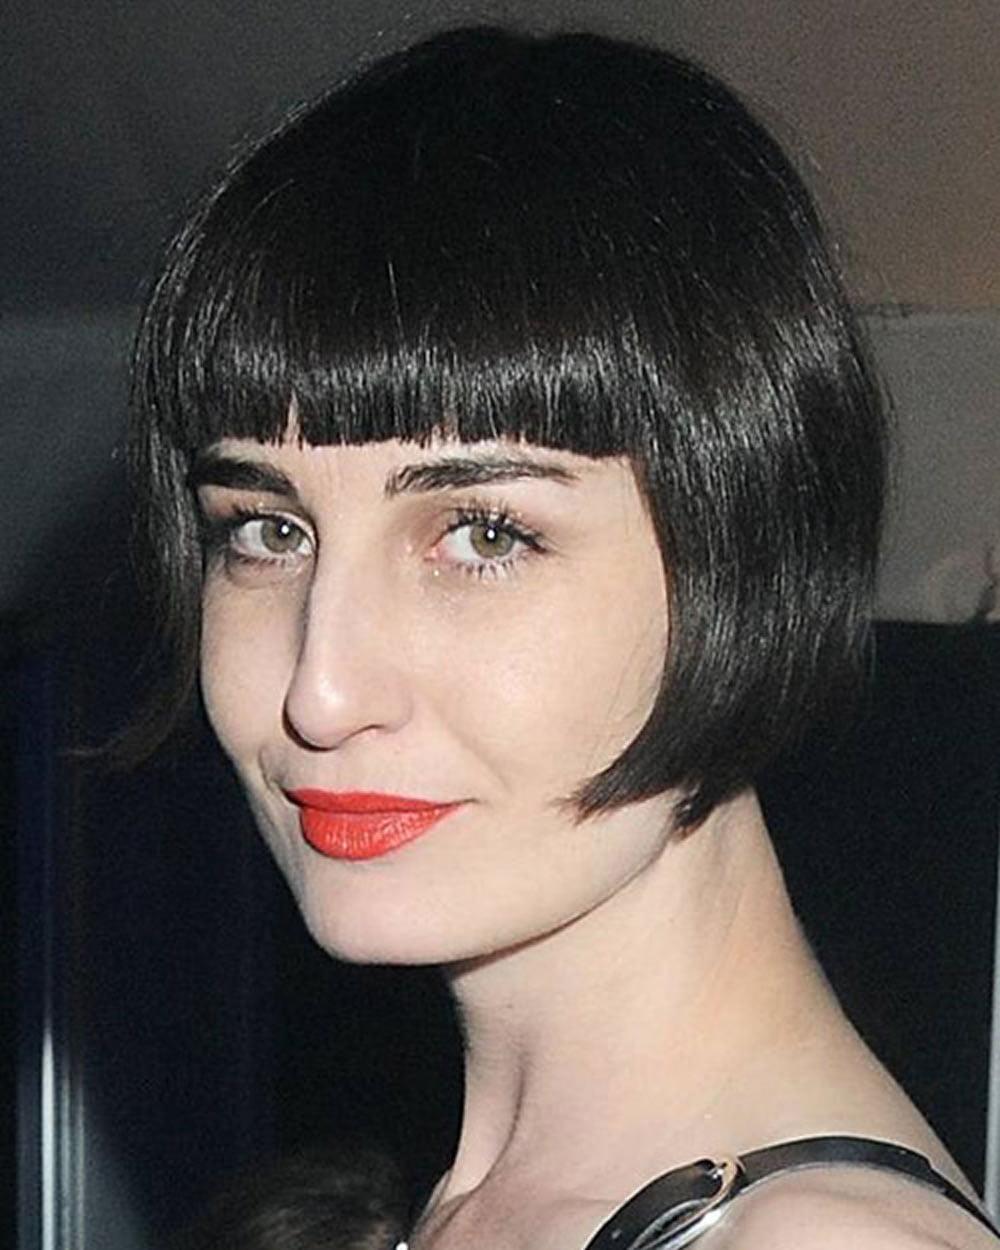 Short haircut with bangs